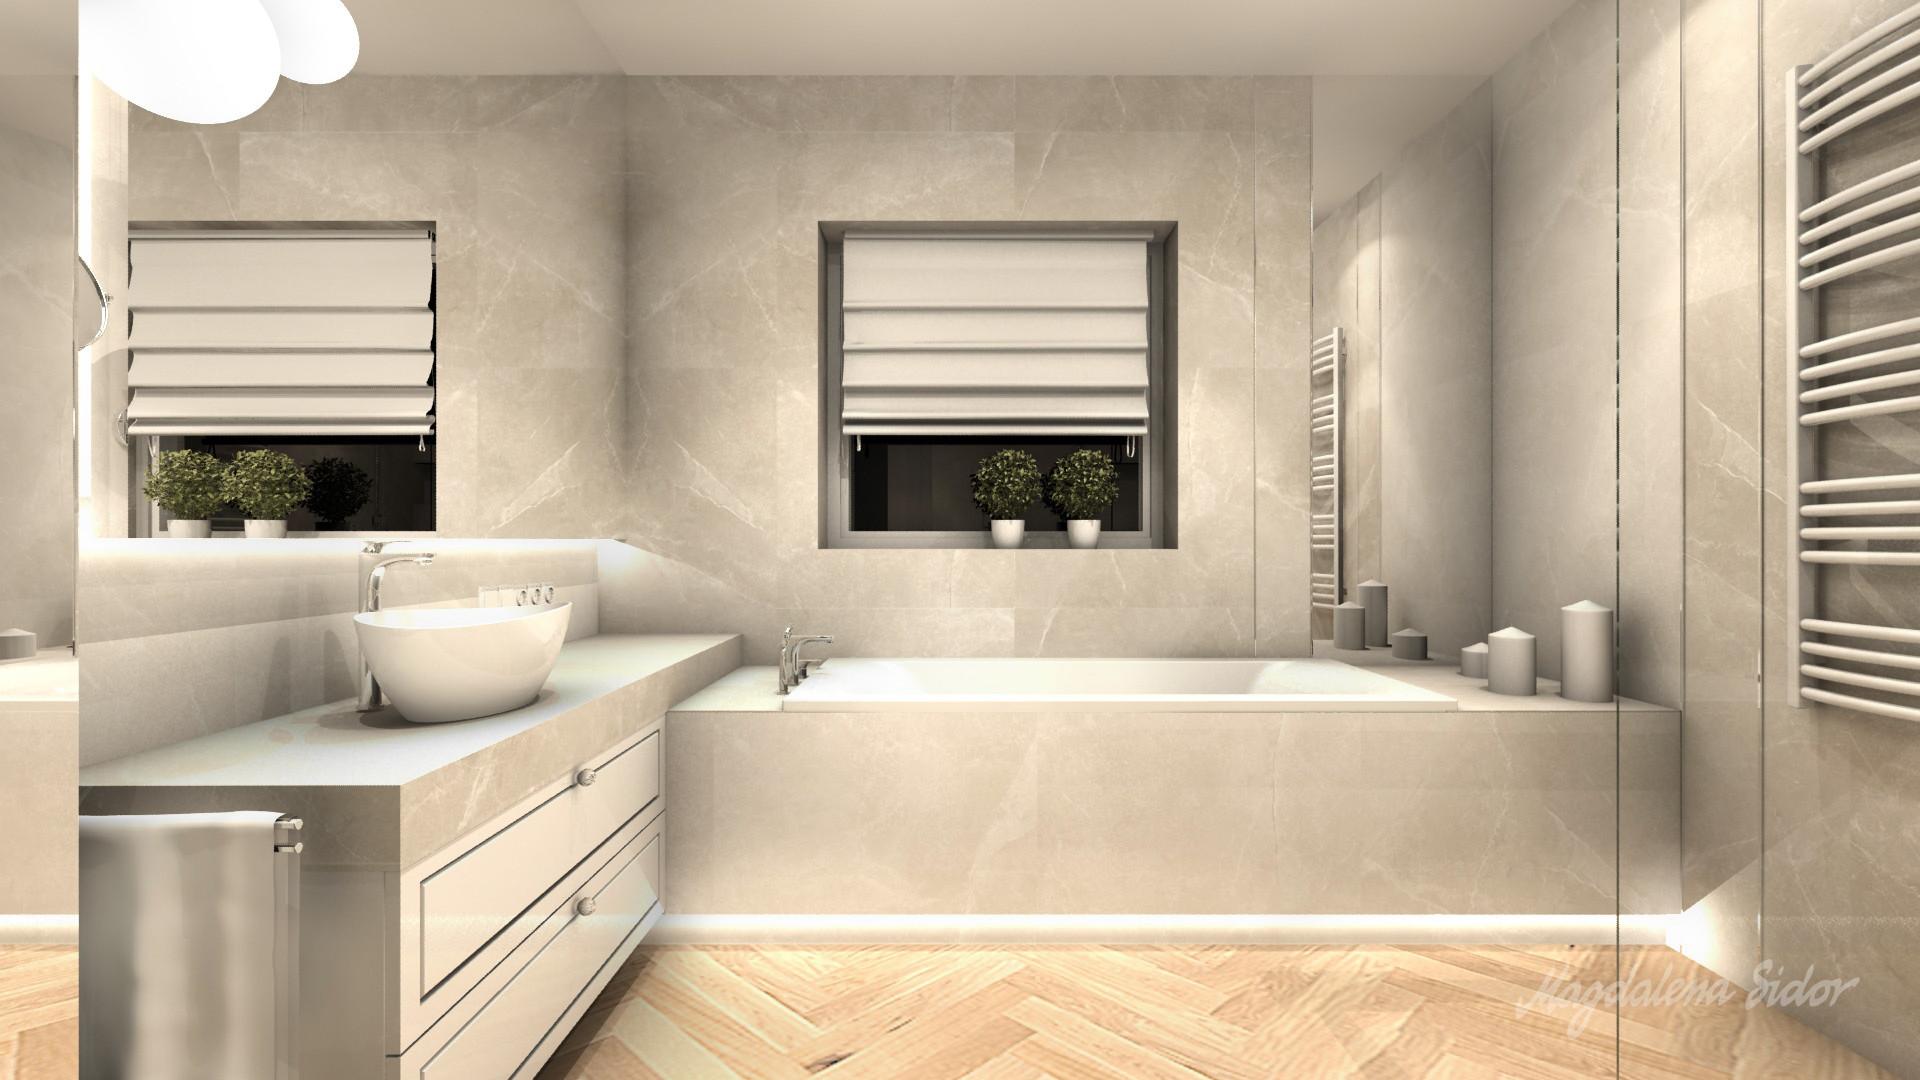 Nowoczesna łazienka Z Klasyczna Nutą W Domu Jednorodzinnym W